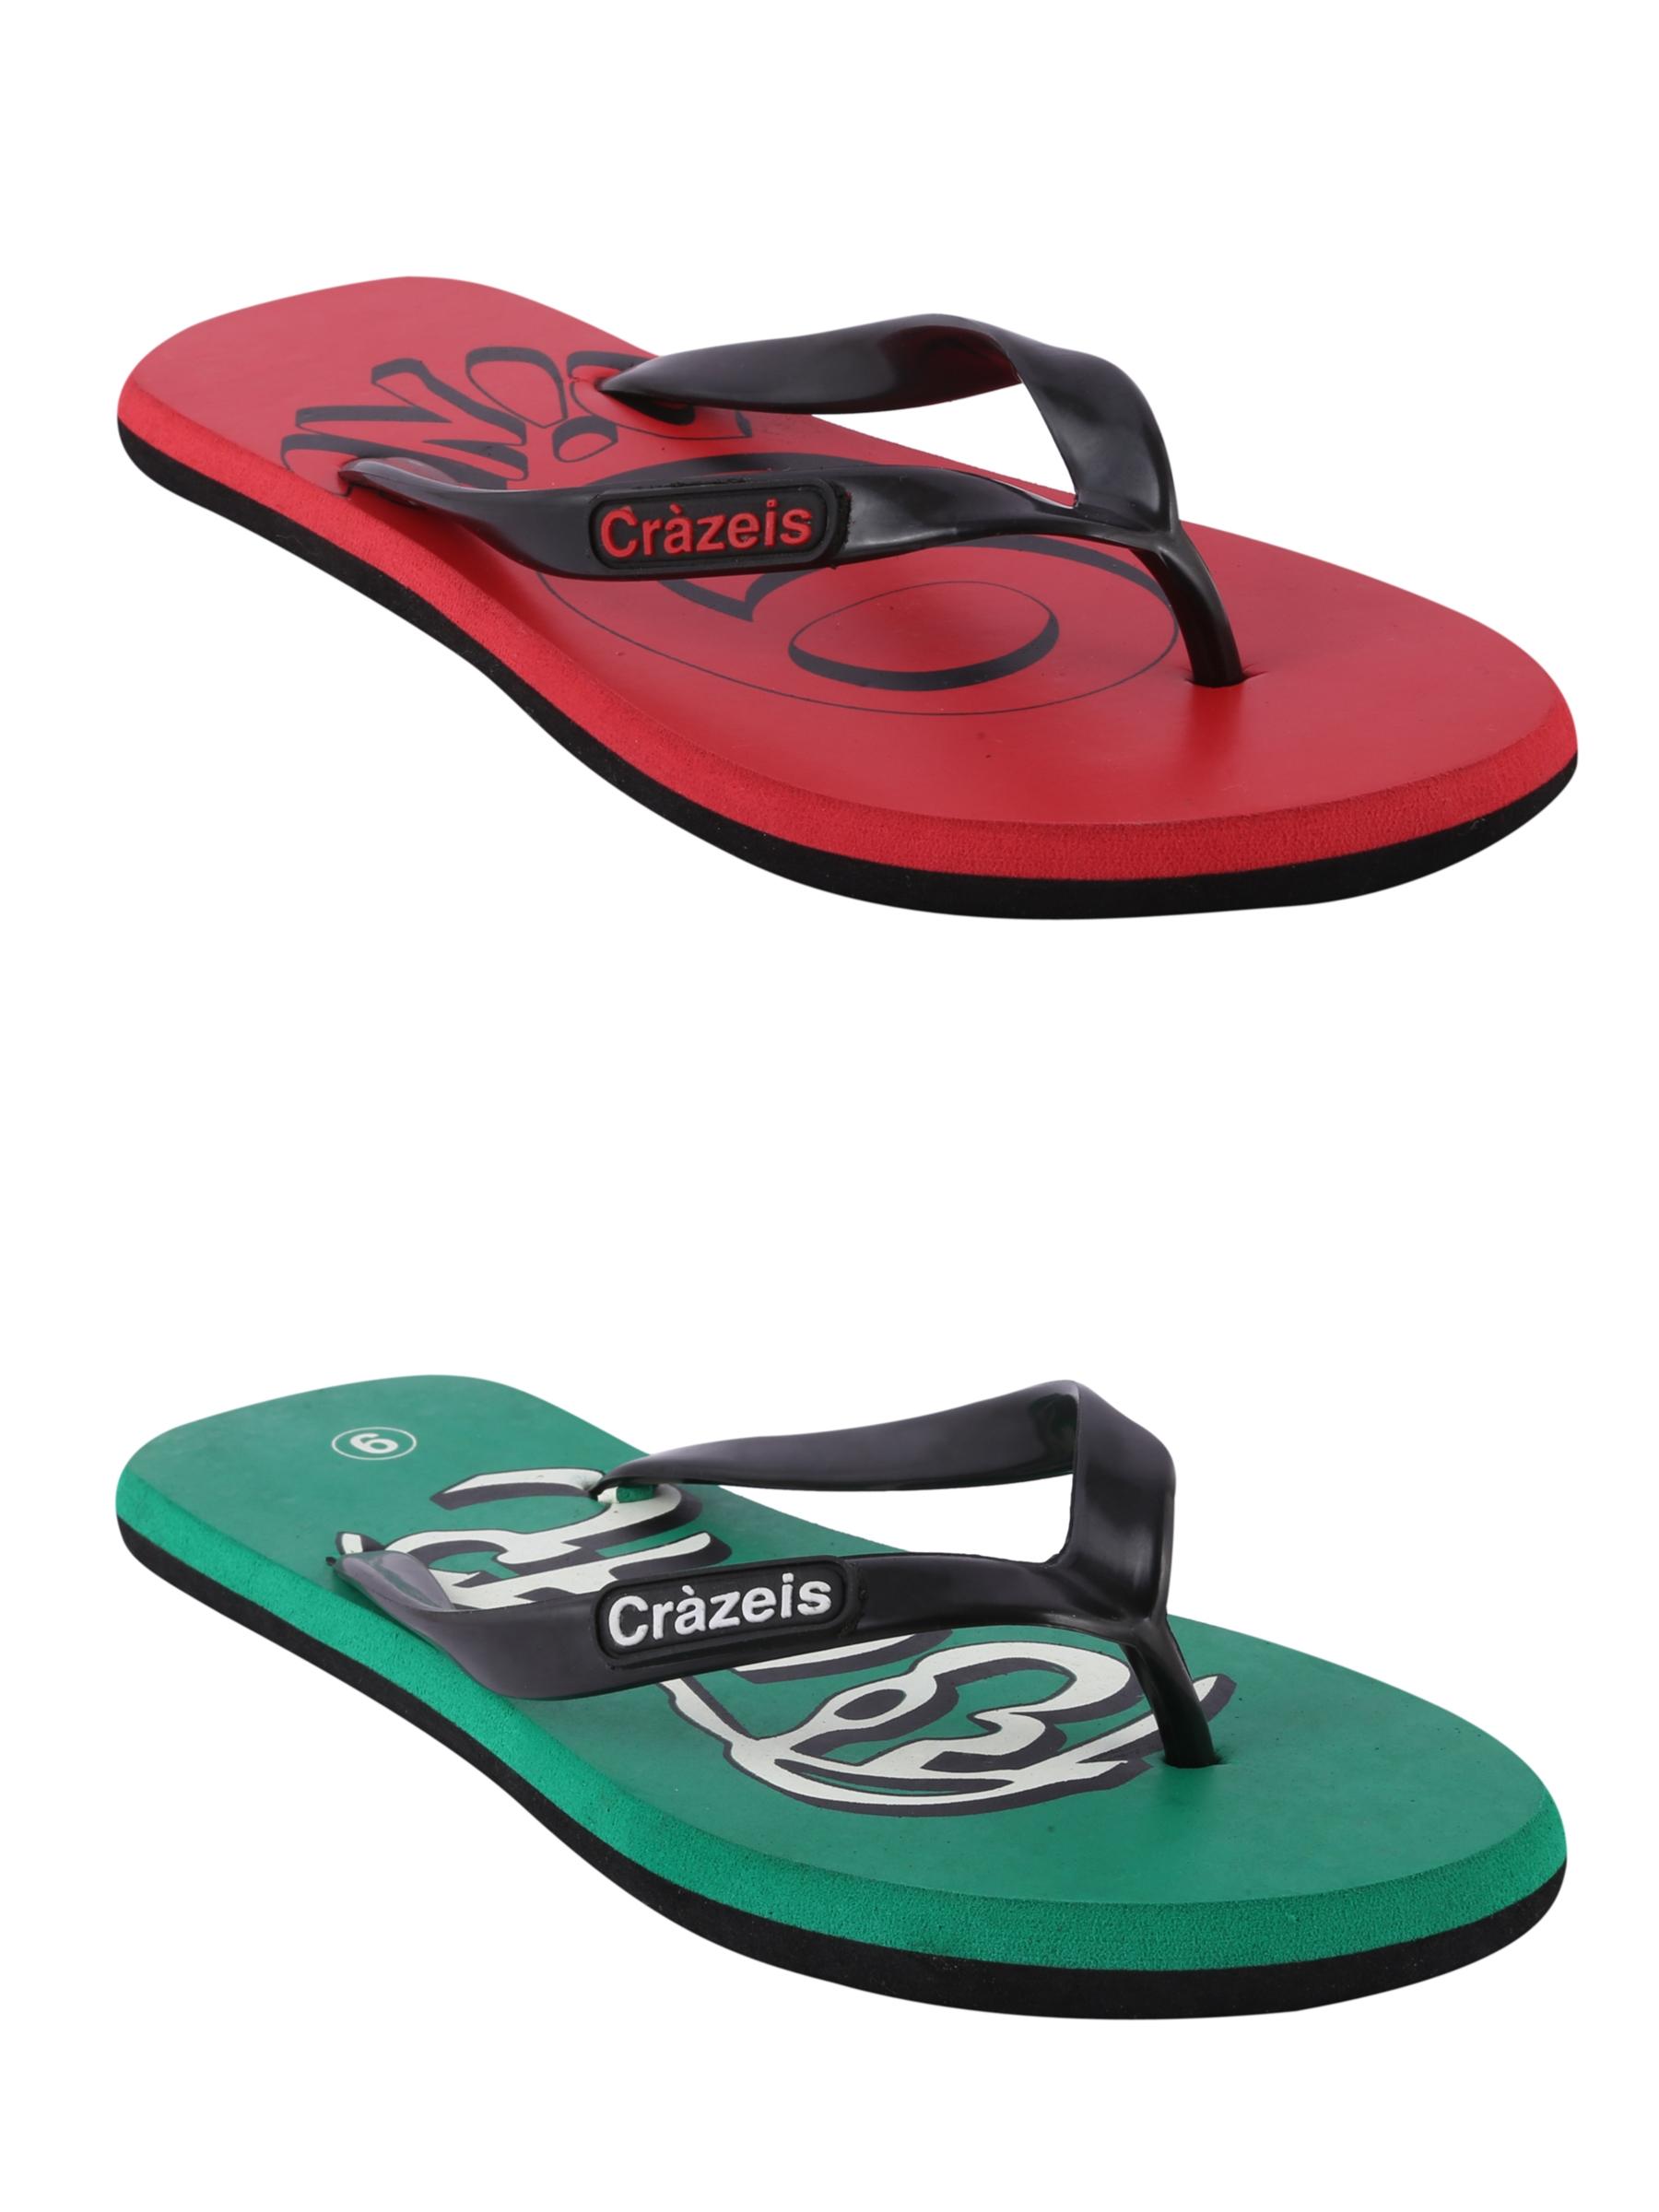 crazeis2 Crazeis Flip-flops Pack Of 2 For Men-002